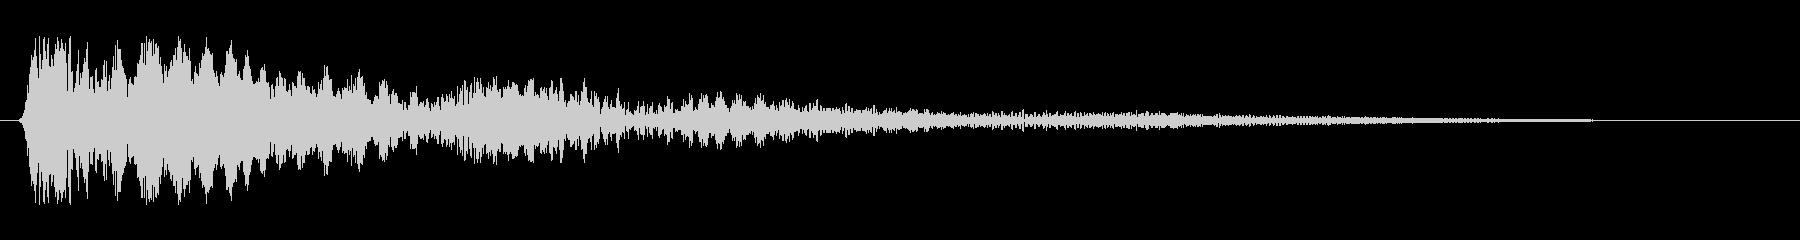 ピヨヨヨョ〜ン(震えているような効果音)の未再生の波形